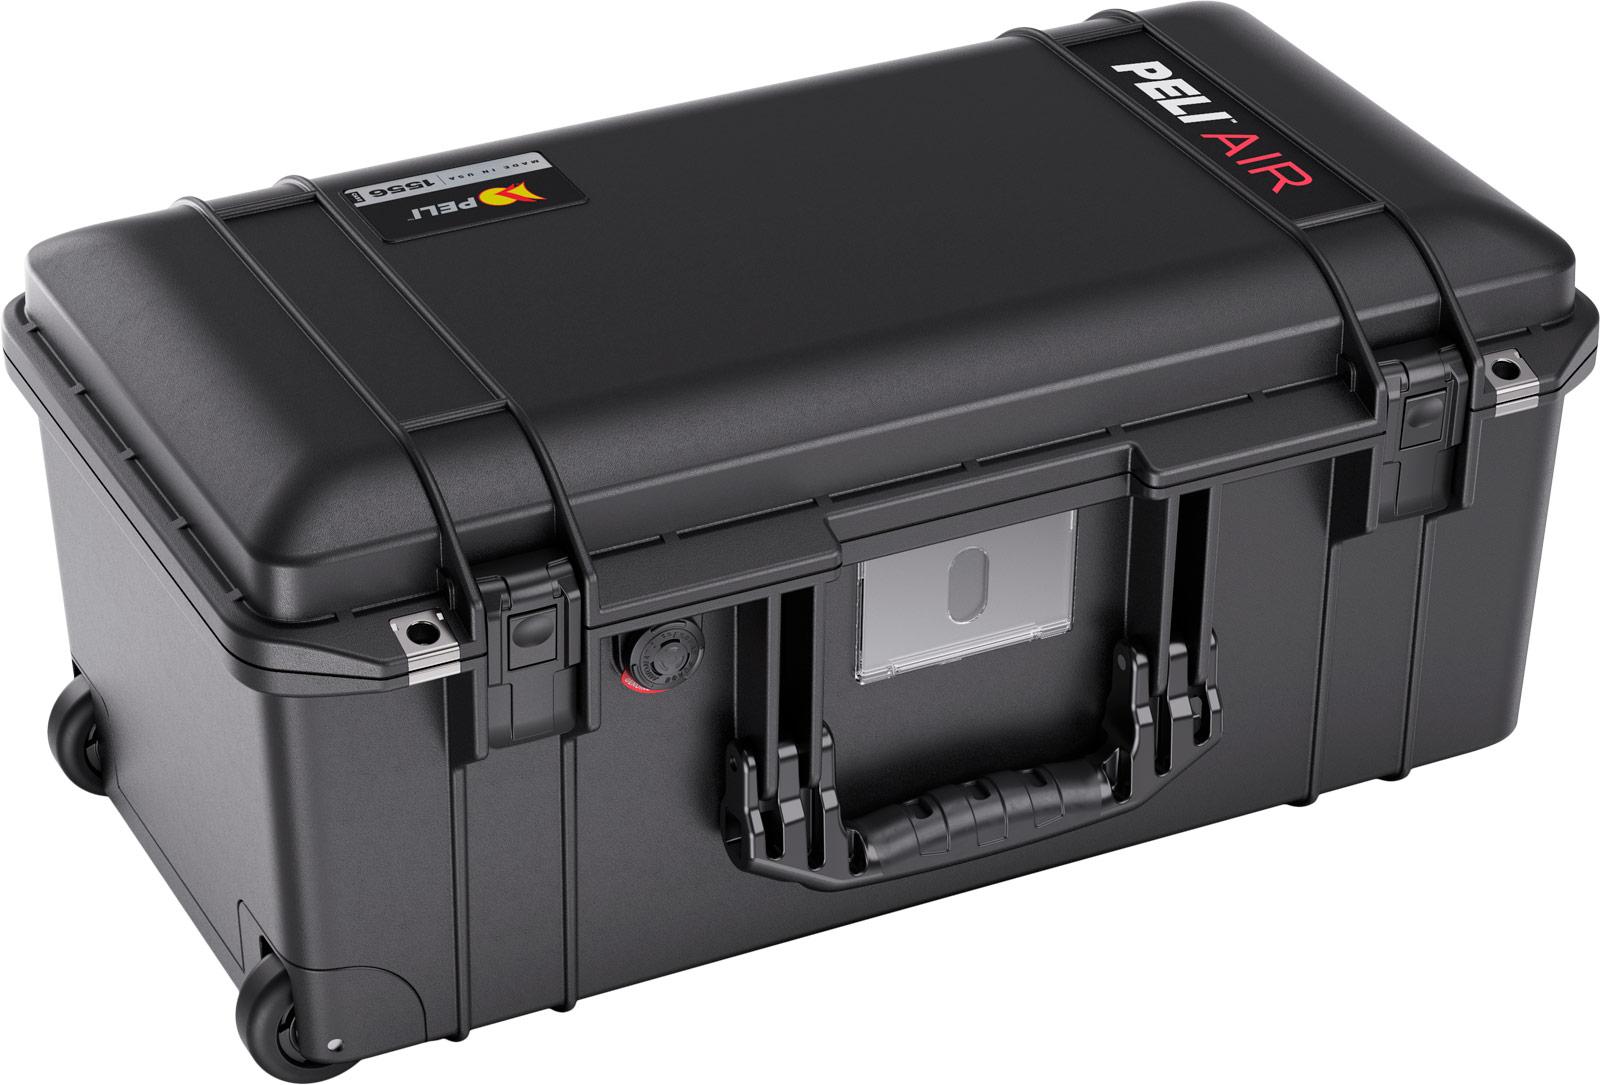 peli 1556 air hard case